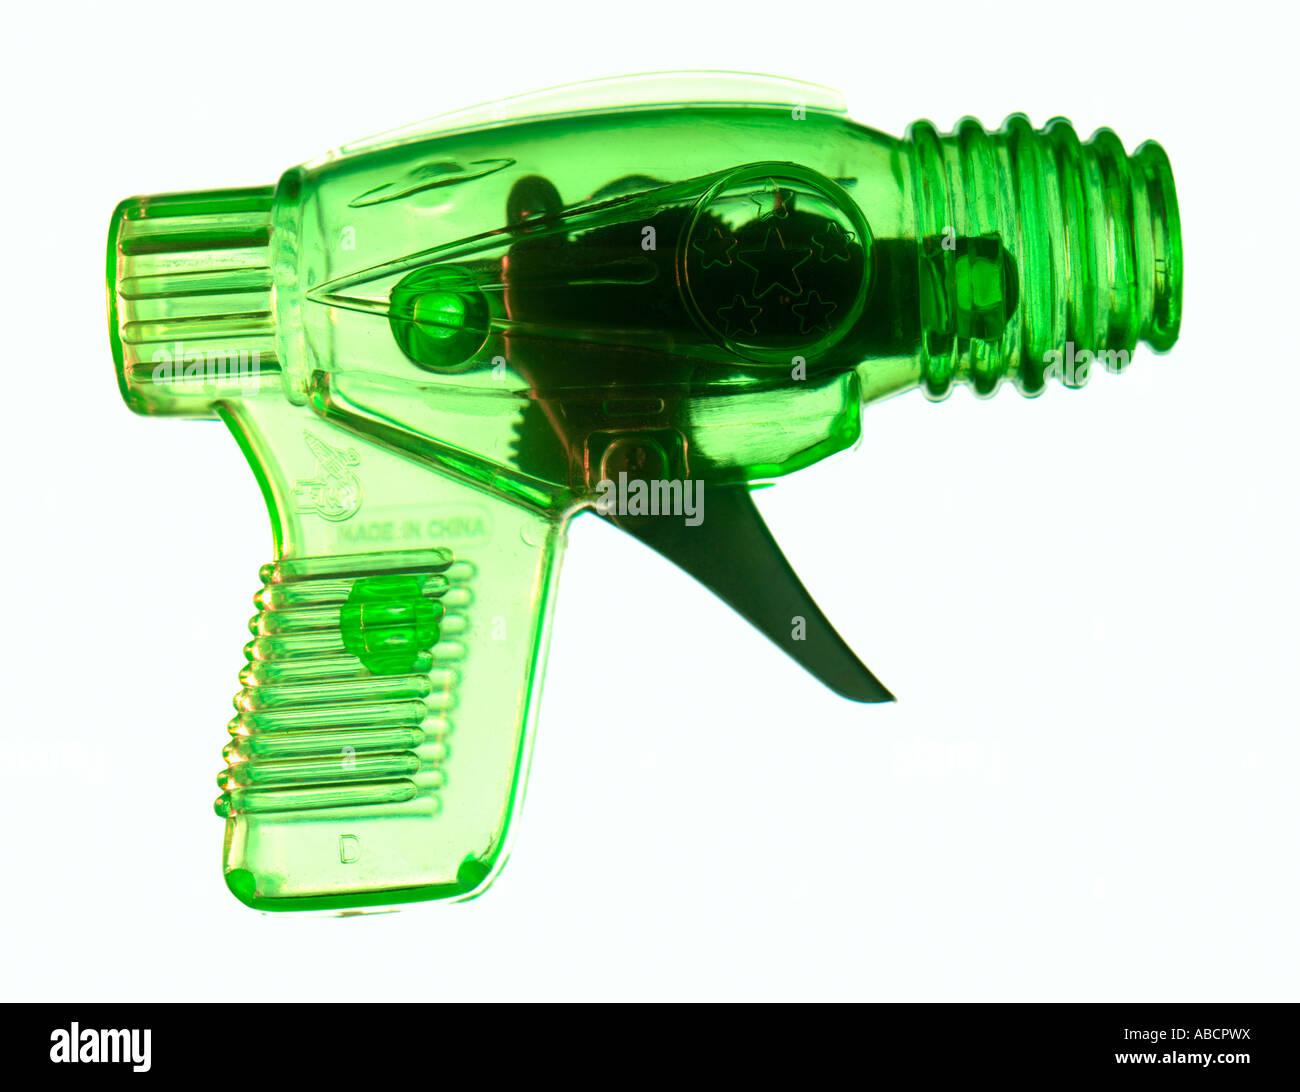 Illustrations graphiques d'un pistolet jouet pour les enfants Photo Stock